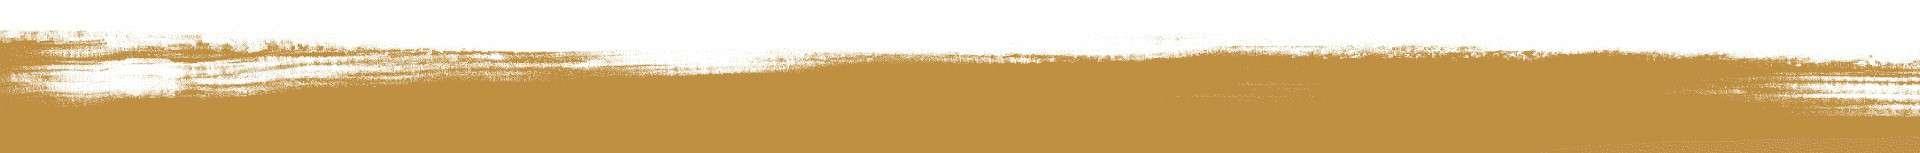 Maerchenkosmos Footer Pinselkante White